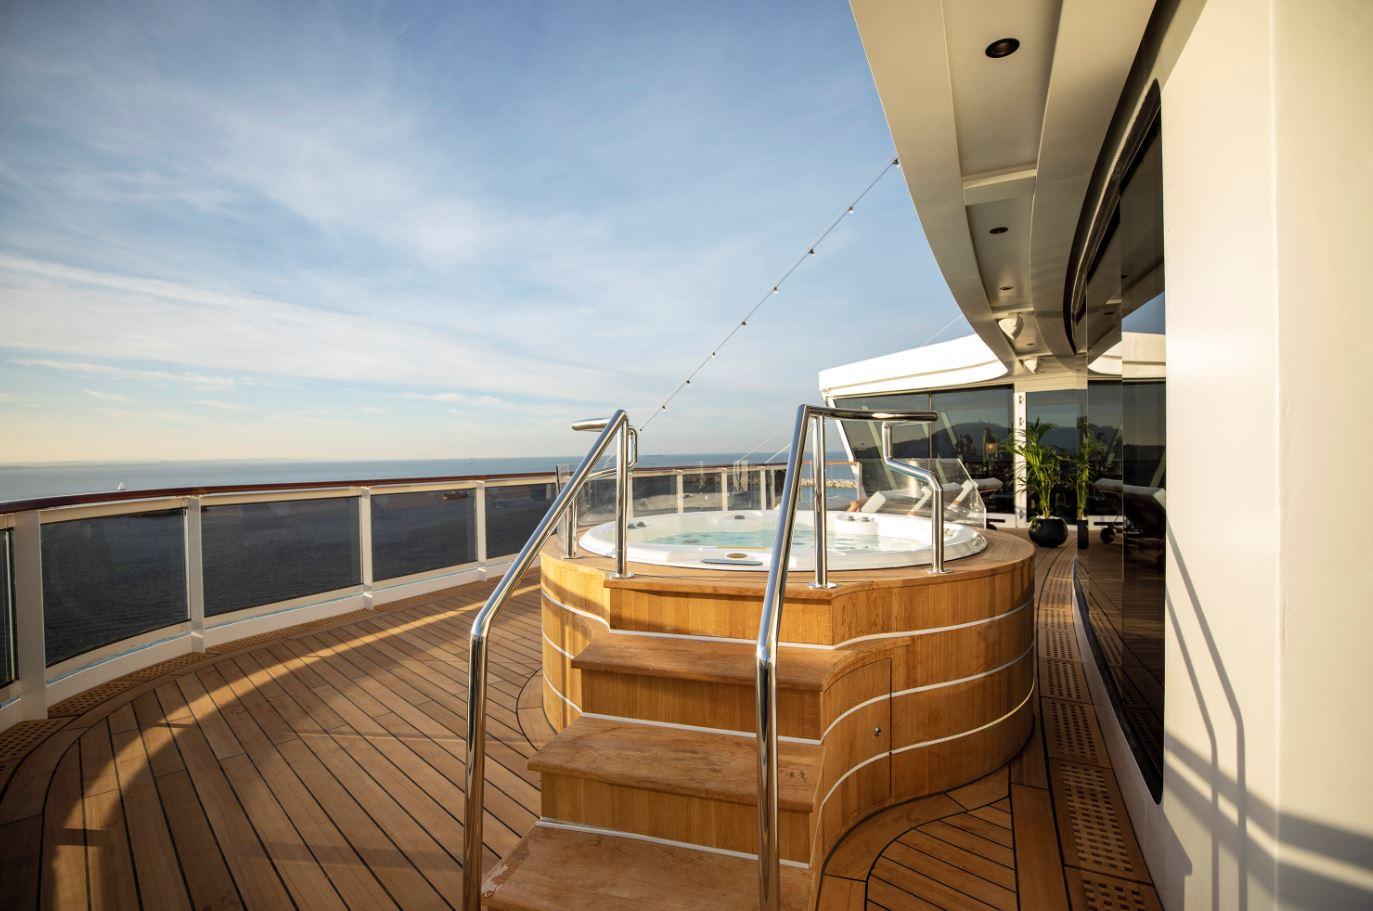 Seven Seas Splendor - Outdoor Jacuzzi Regent Suite